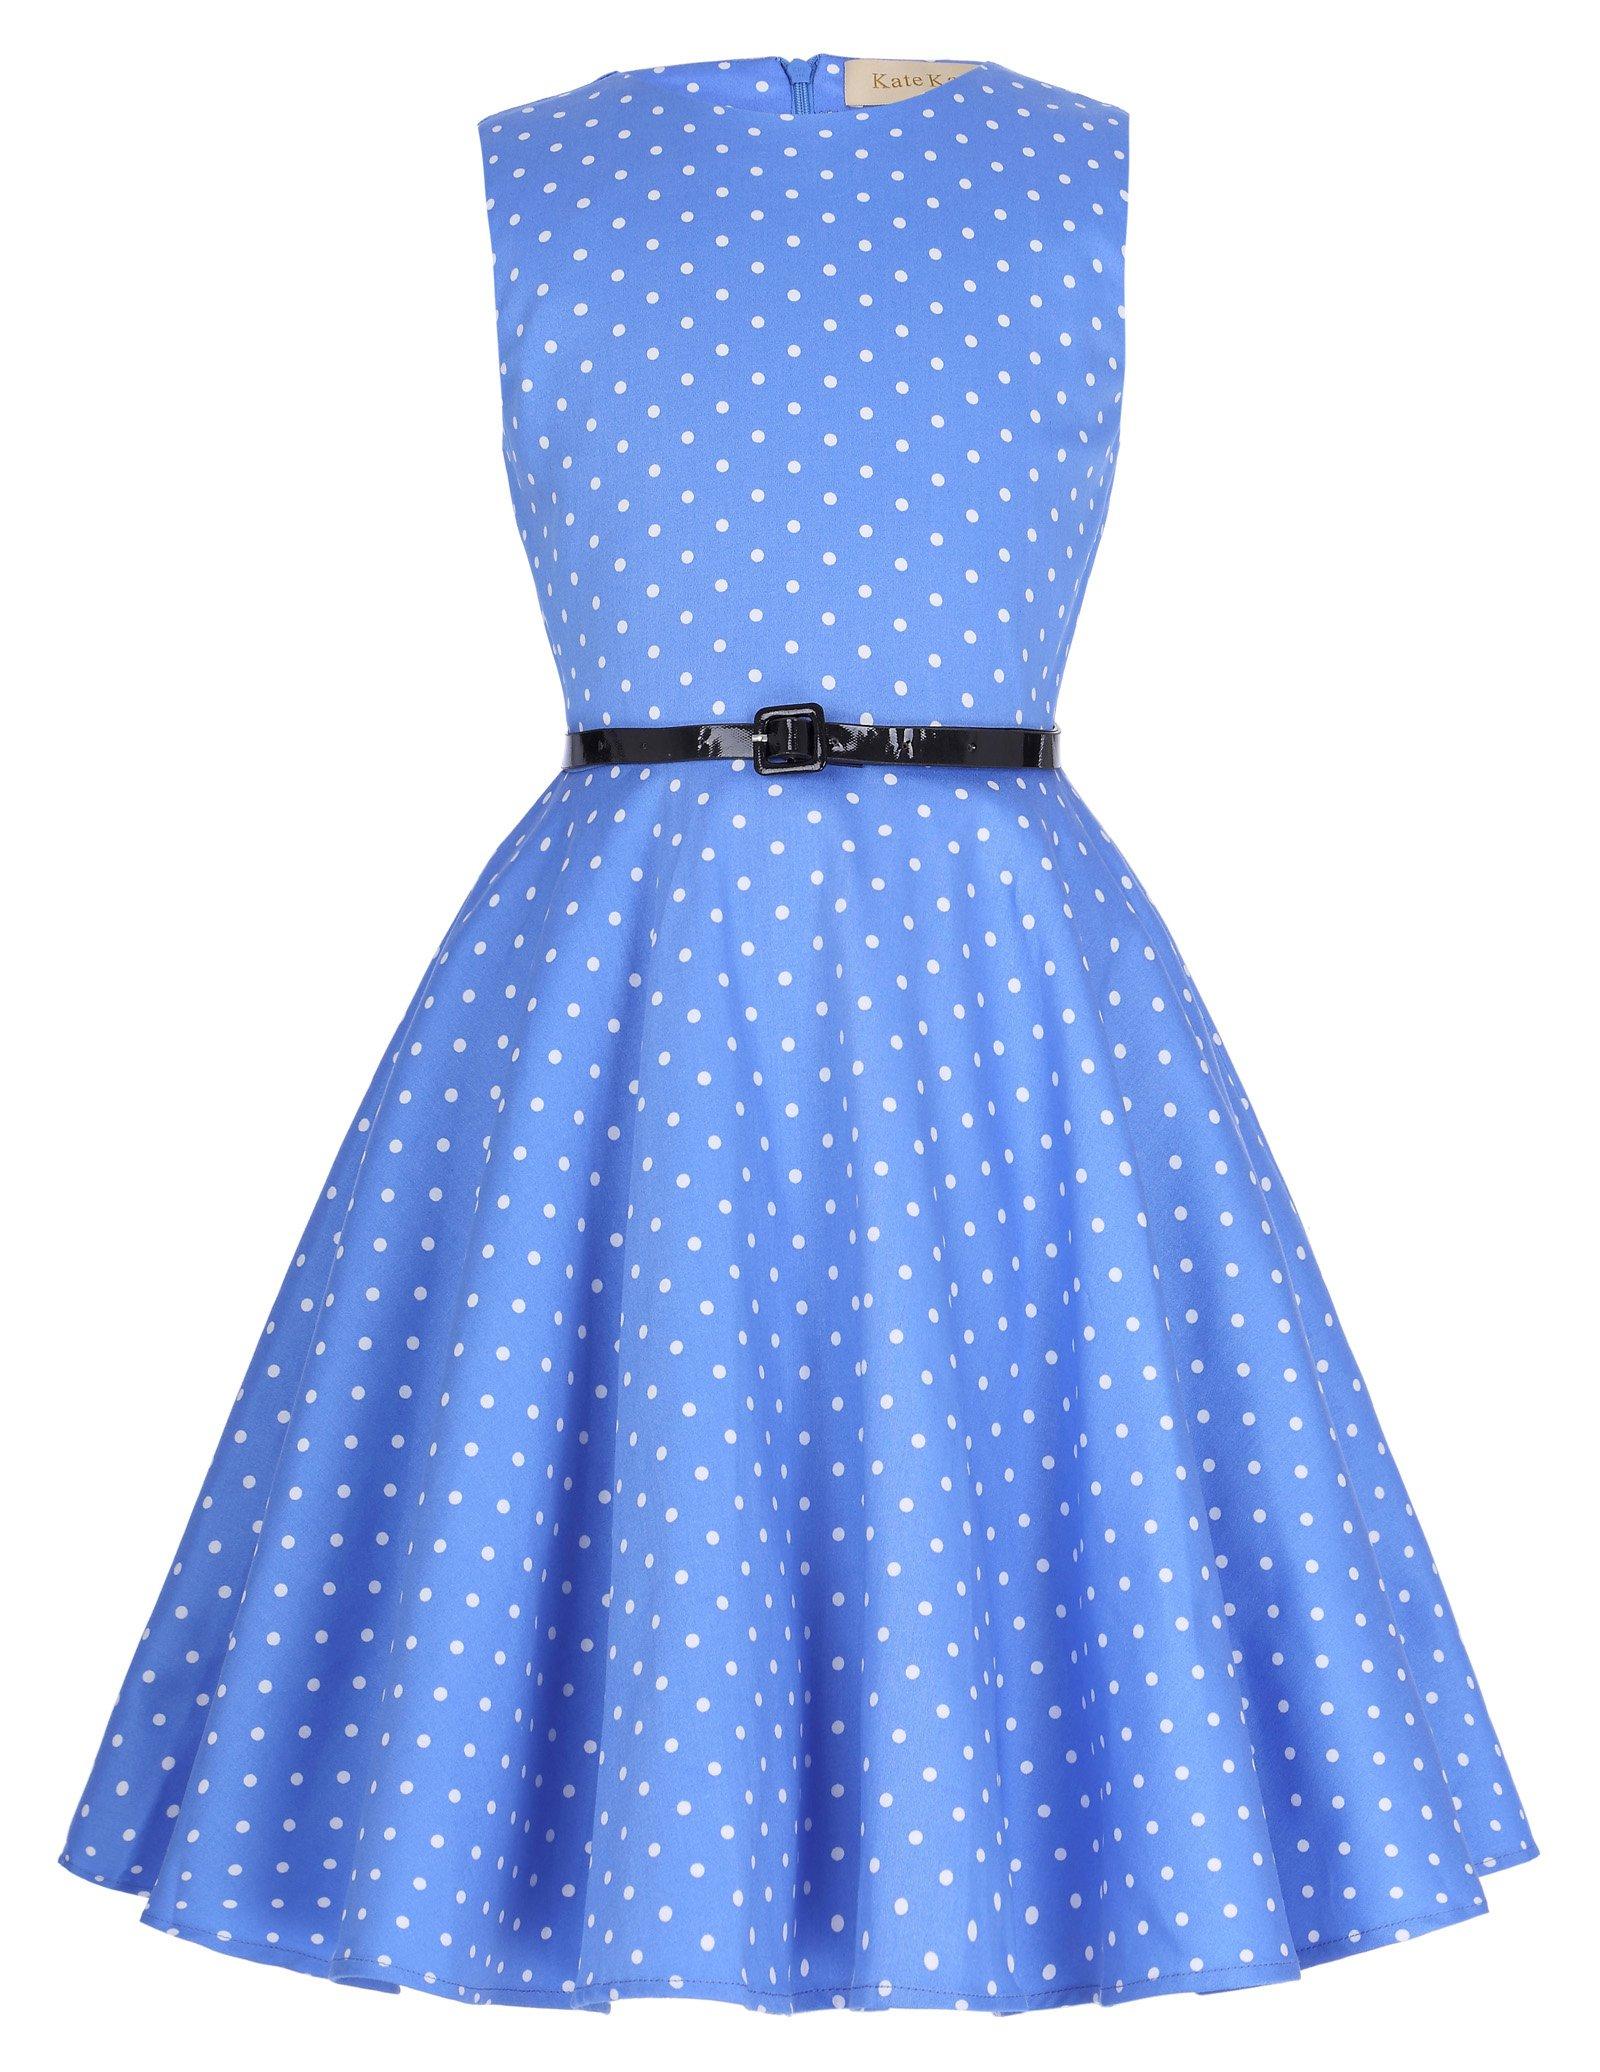 dab4d49d40 Kate Kasin Vestido Vintage Estampado de Niñas Años 50 para Fiesta Cóctel  Vestido Algodón de Verano